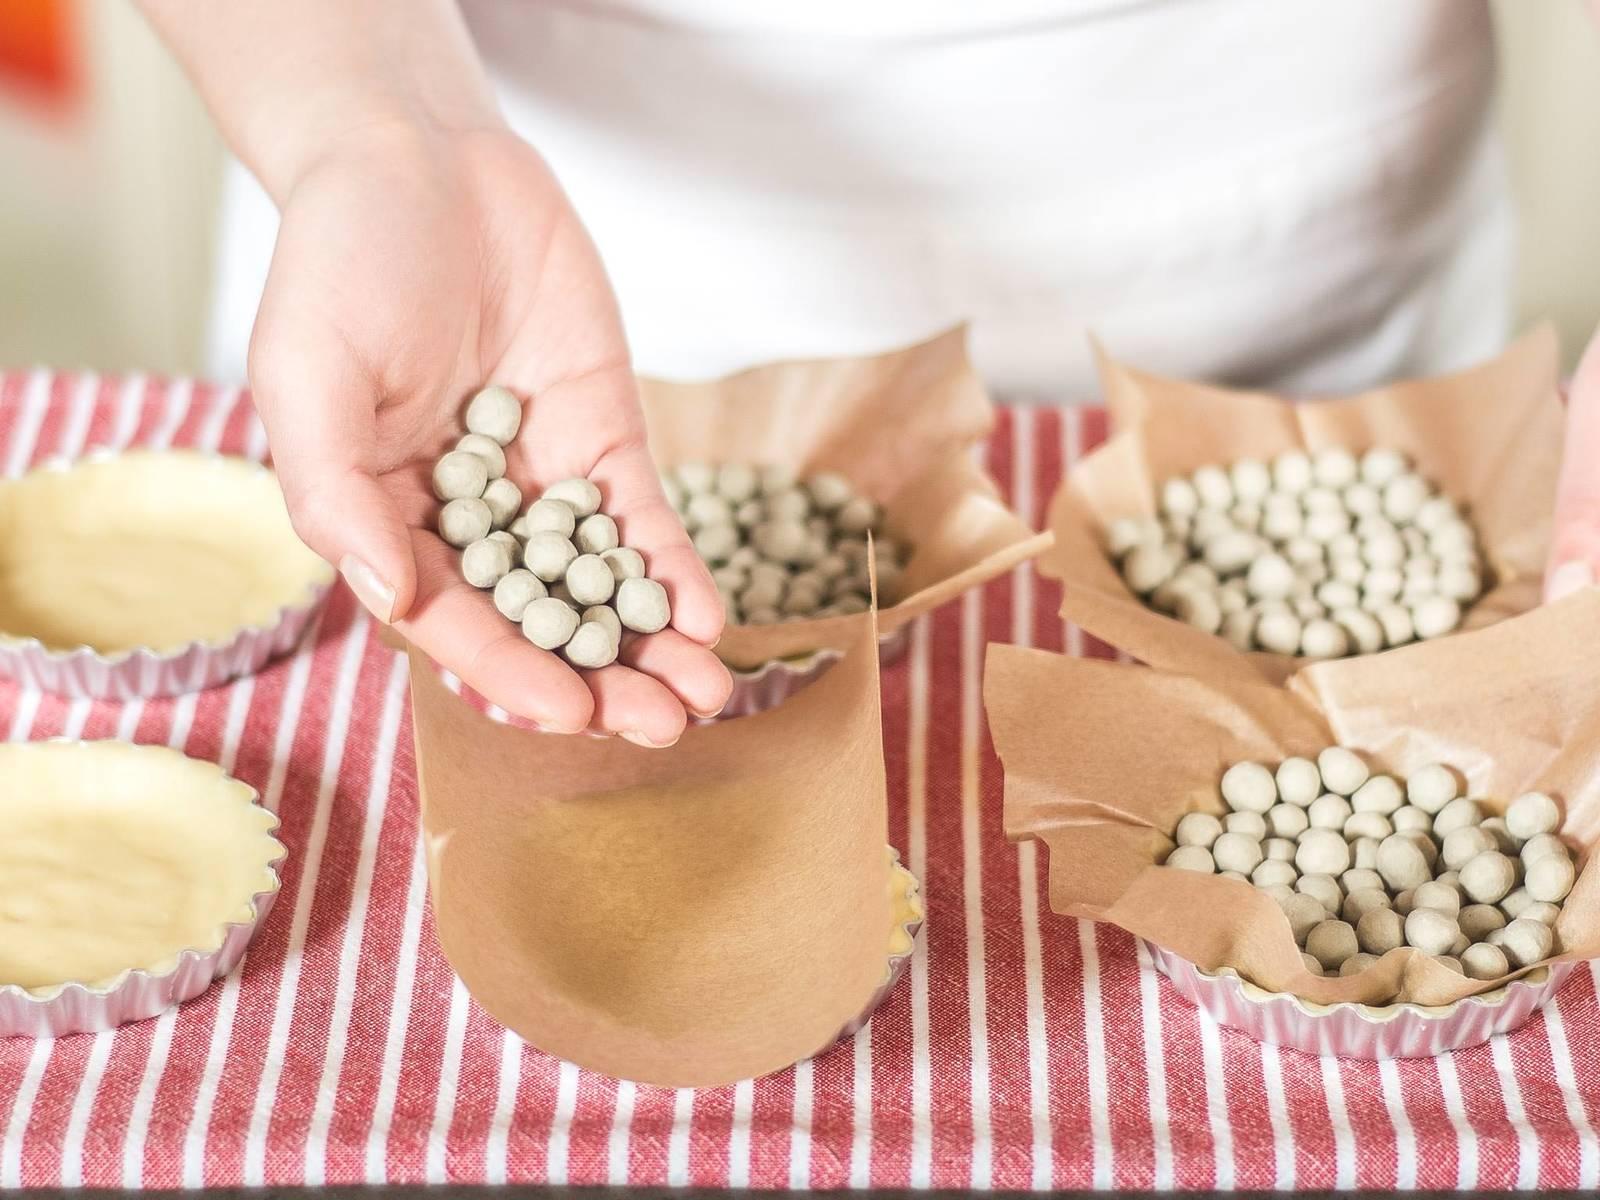 在工作台上撒少许面粉,将面团薄薄地擀开。把面饼分别铺入涂有黄油的8个烤模中,去掉突出的边。铺上烘焙纸,并用干豌豆压住。